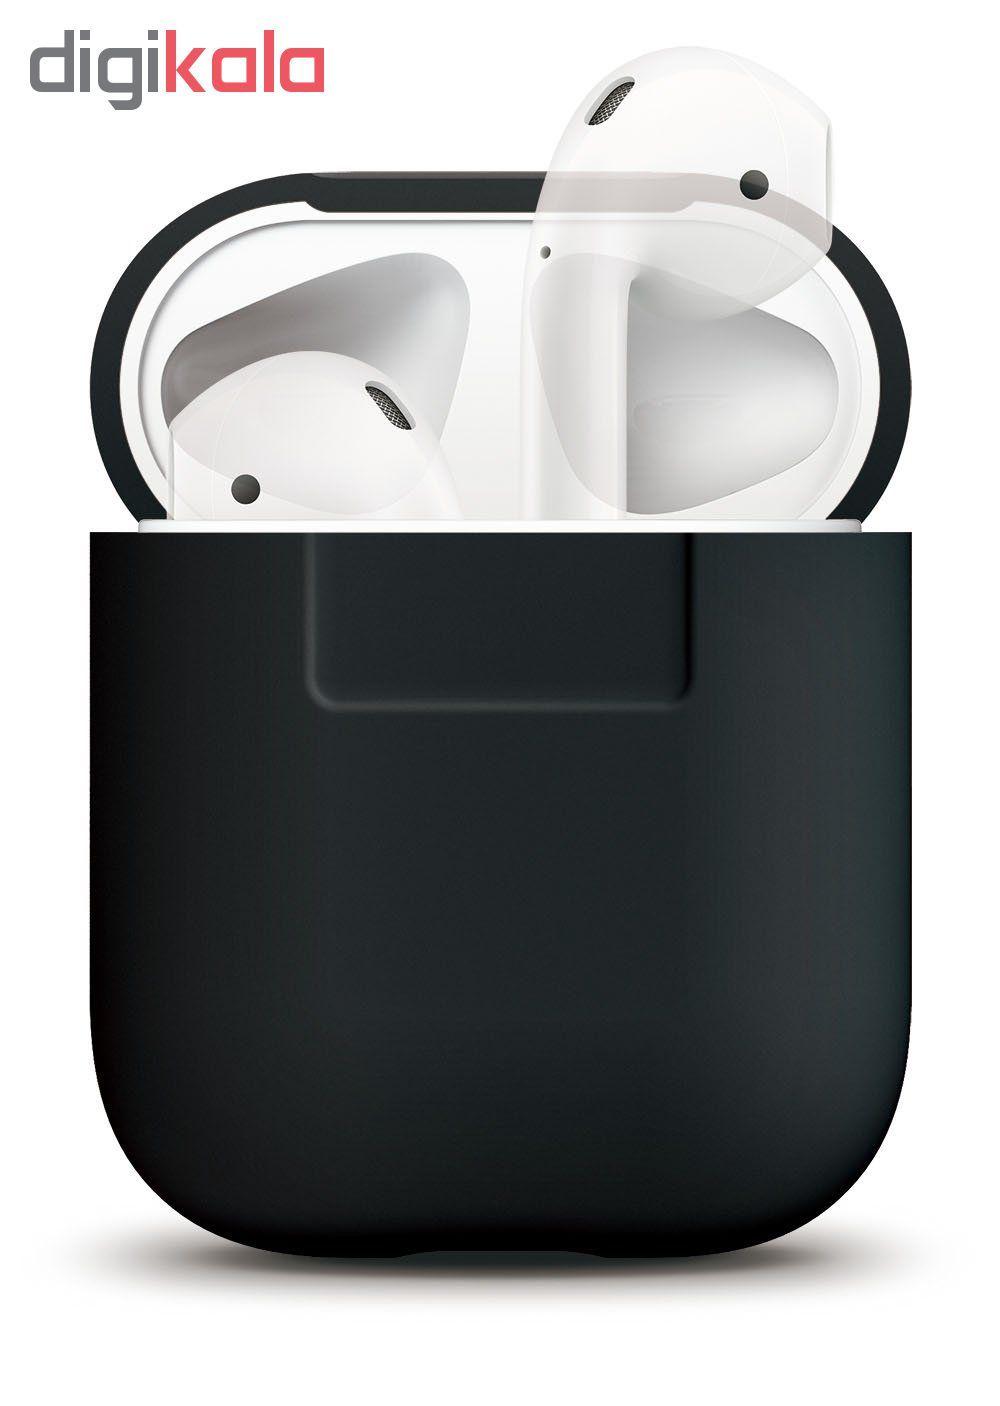 کاور محافظ سیلیکونی الاگو مناسب برای کیس هدفون اپل AirPods main 1 8